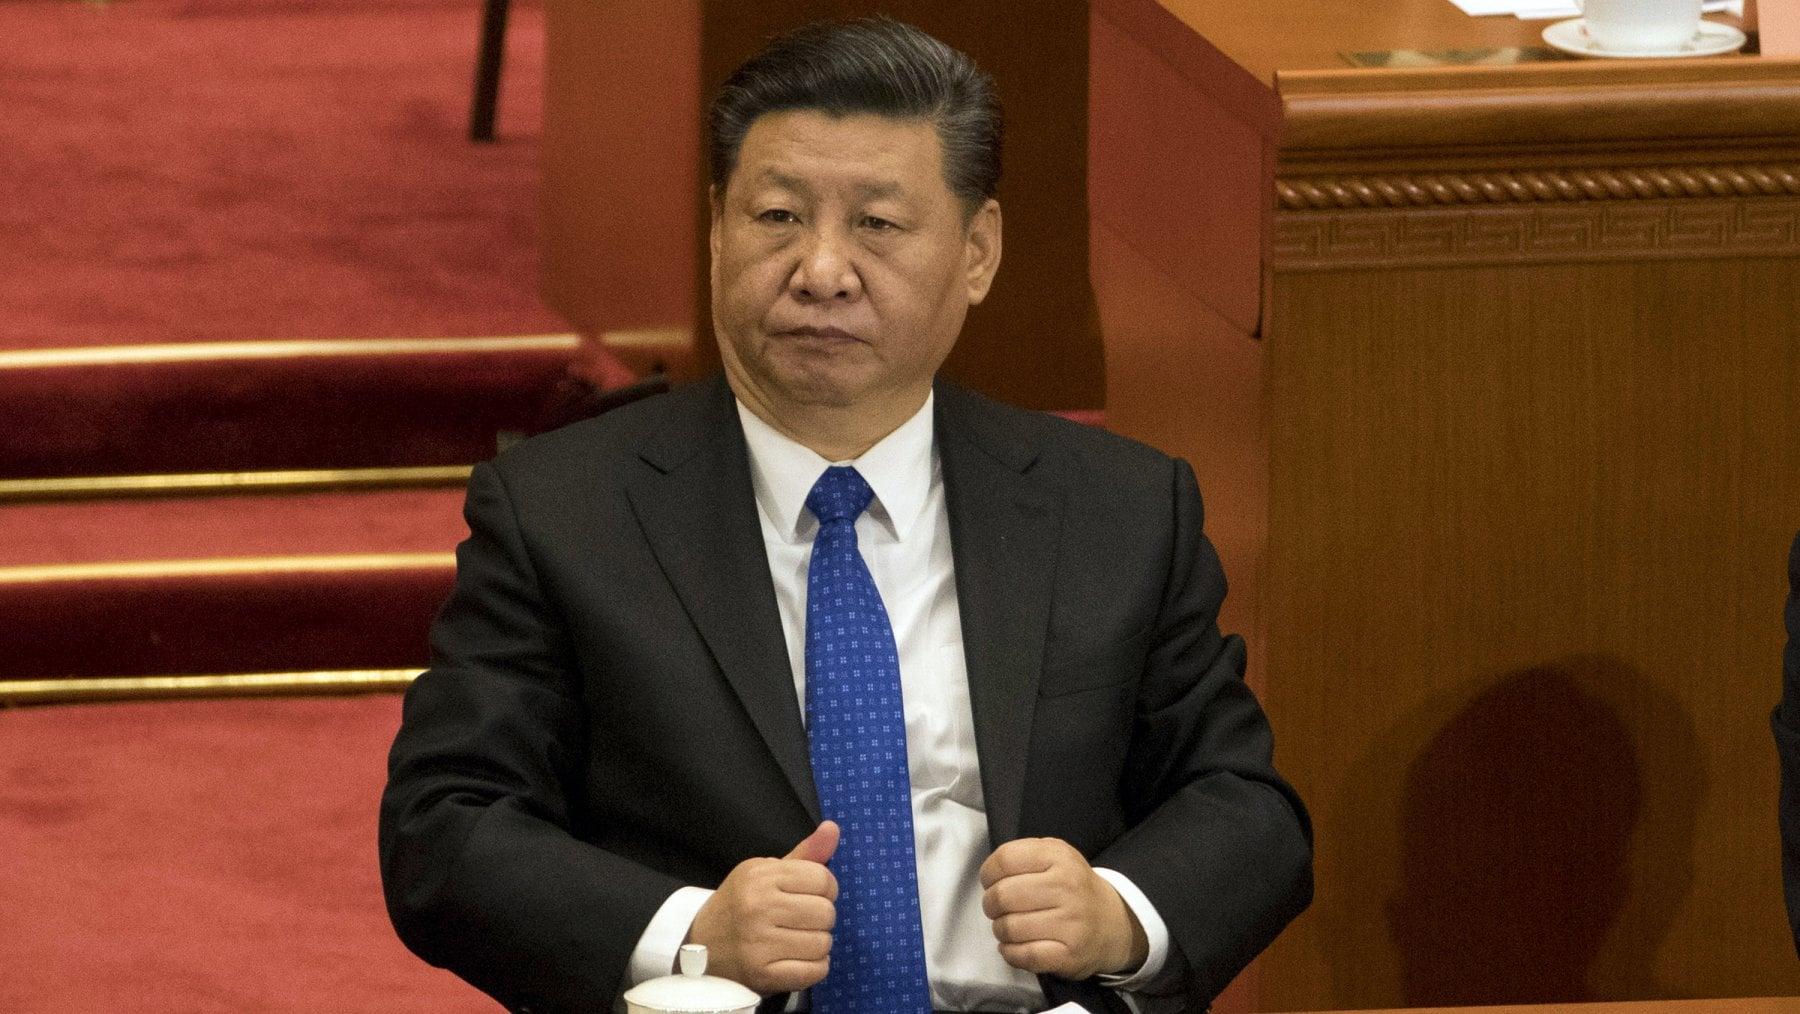 Cina, Xi Jinping presidente a vita: rimosso il limite dei due mandati